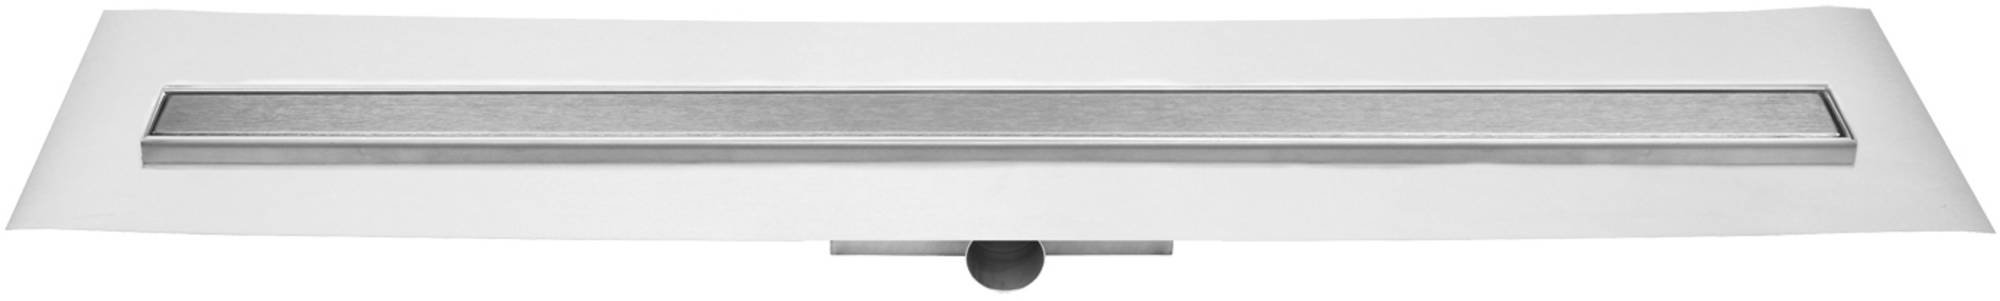 Easy Drain Compact FF Zero afvoergoot 70 x 6 cm. zijaansluiting Rvs